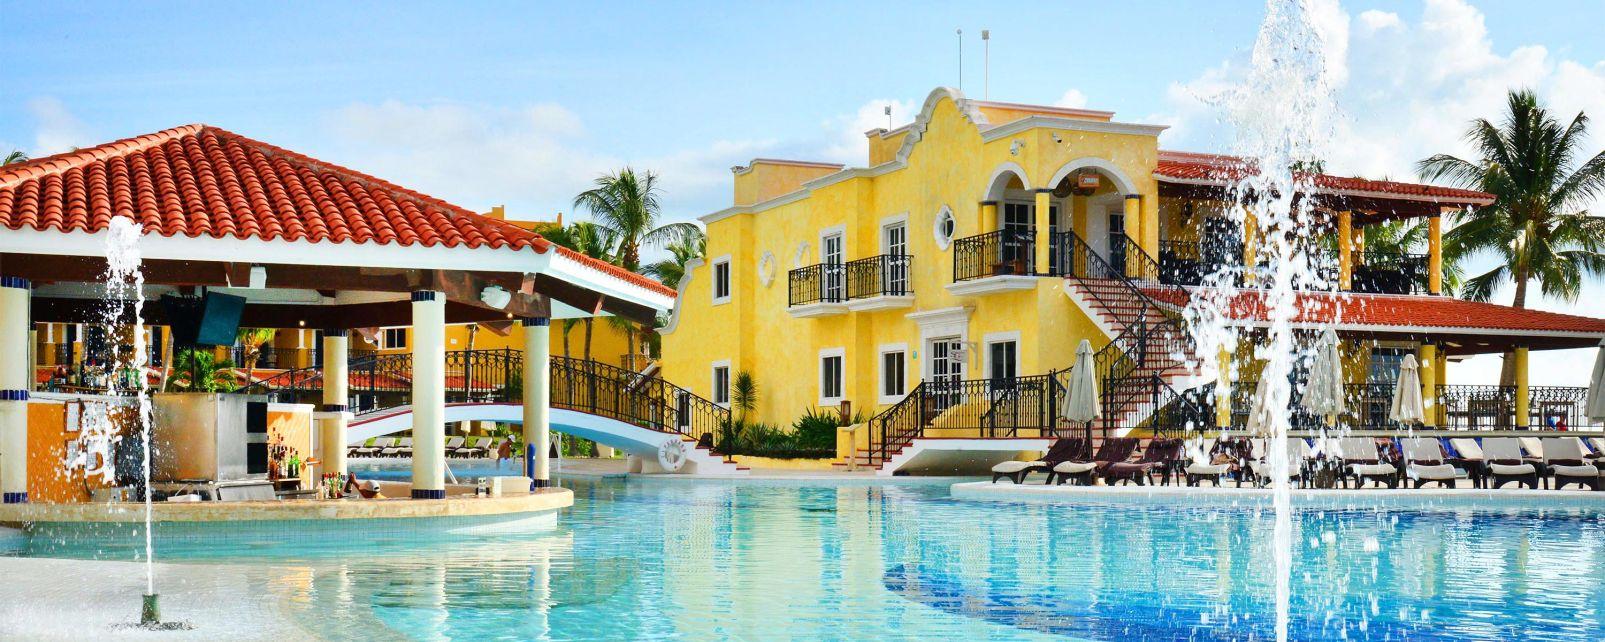 Hotel Secrets Capri Riviera